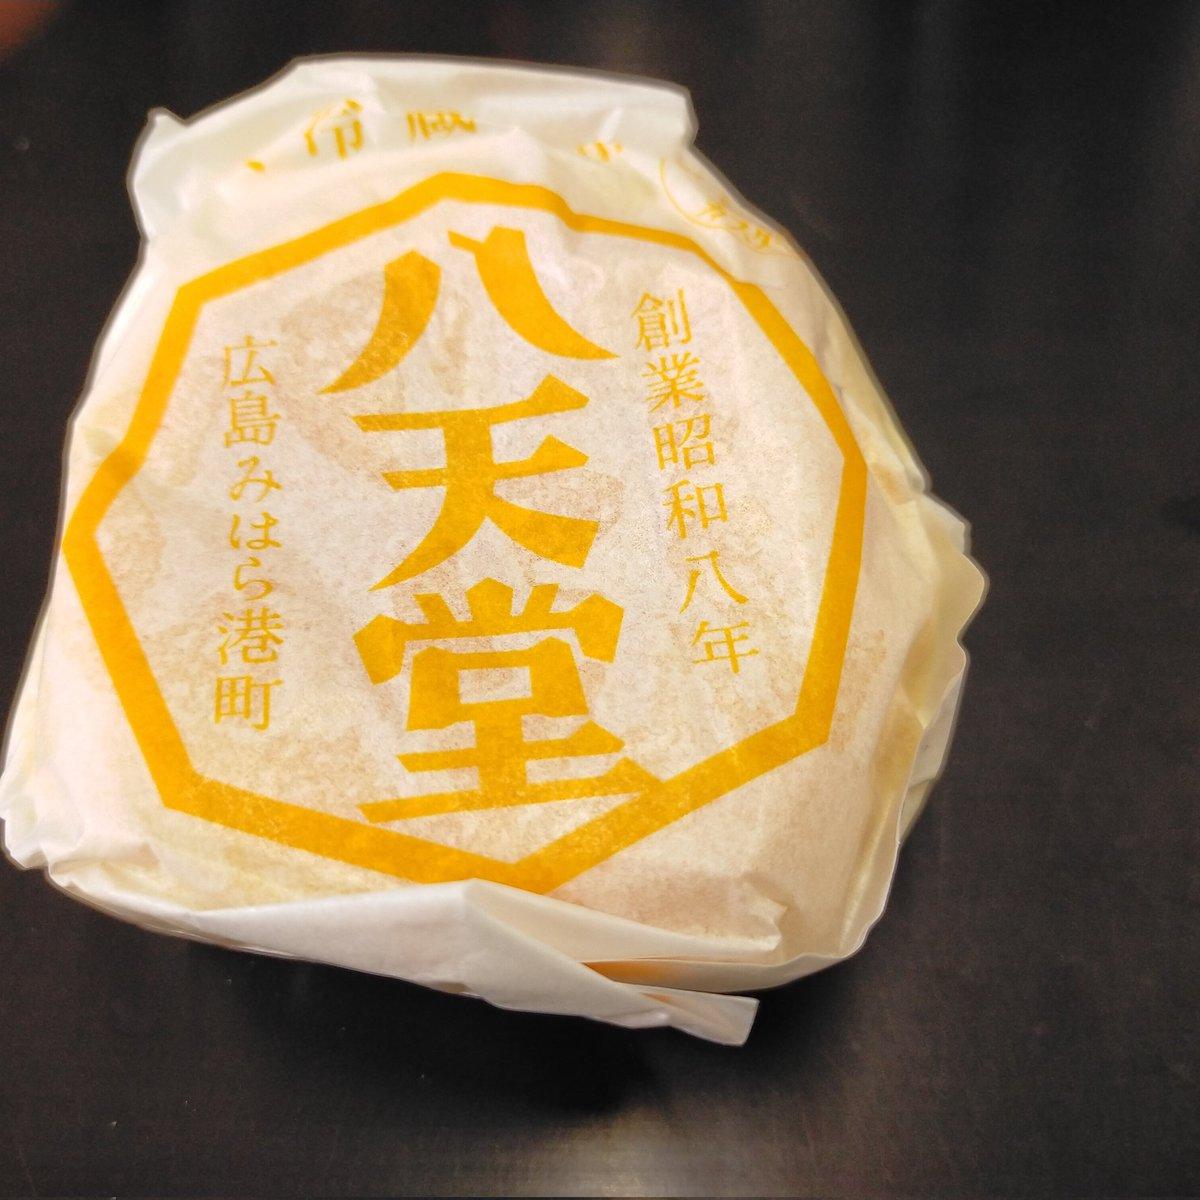 test ツイッターメディア - おやつに頂きました。八天堂のくりーむパンです。クリームまろやかで美味しいですね! https://t.co/cW2A3wuYfw